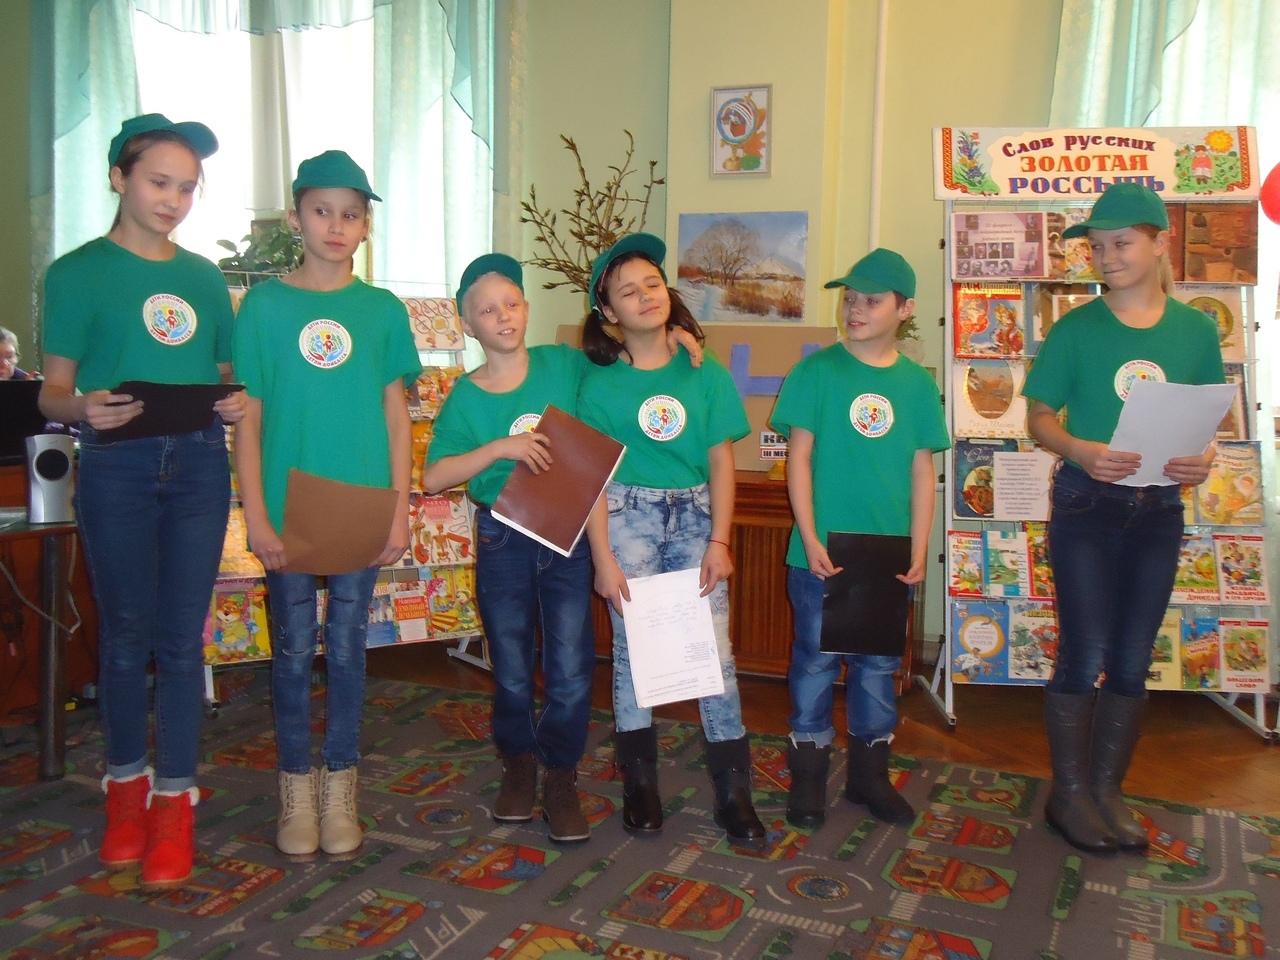 донецкая республиканская библиотека для детей, отдел организации досуга для детей, валеологический квн, эколого-натуралистический центр, детям о книгах